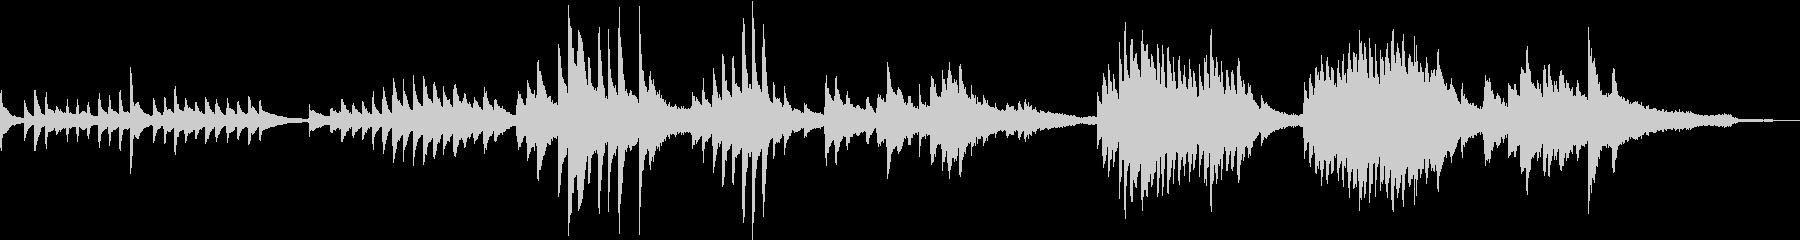 凛とした和風ミュージックの未再生の波形